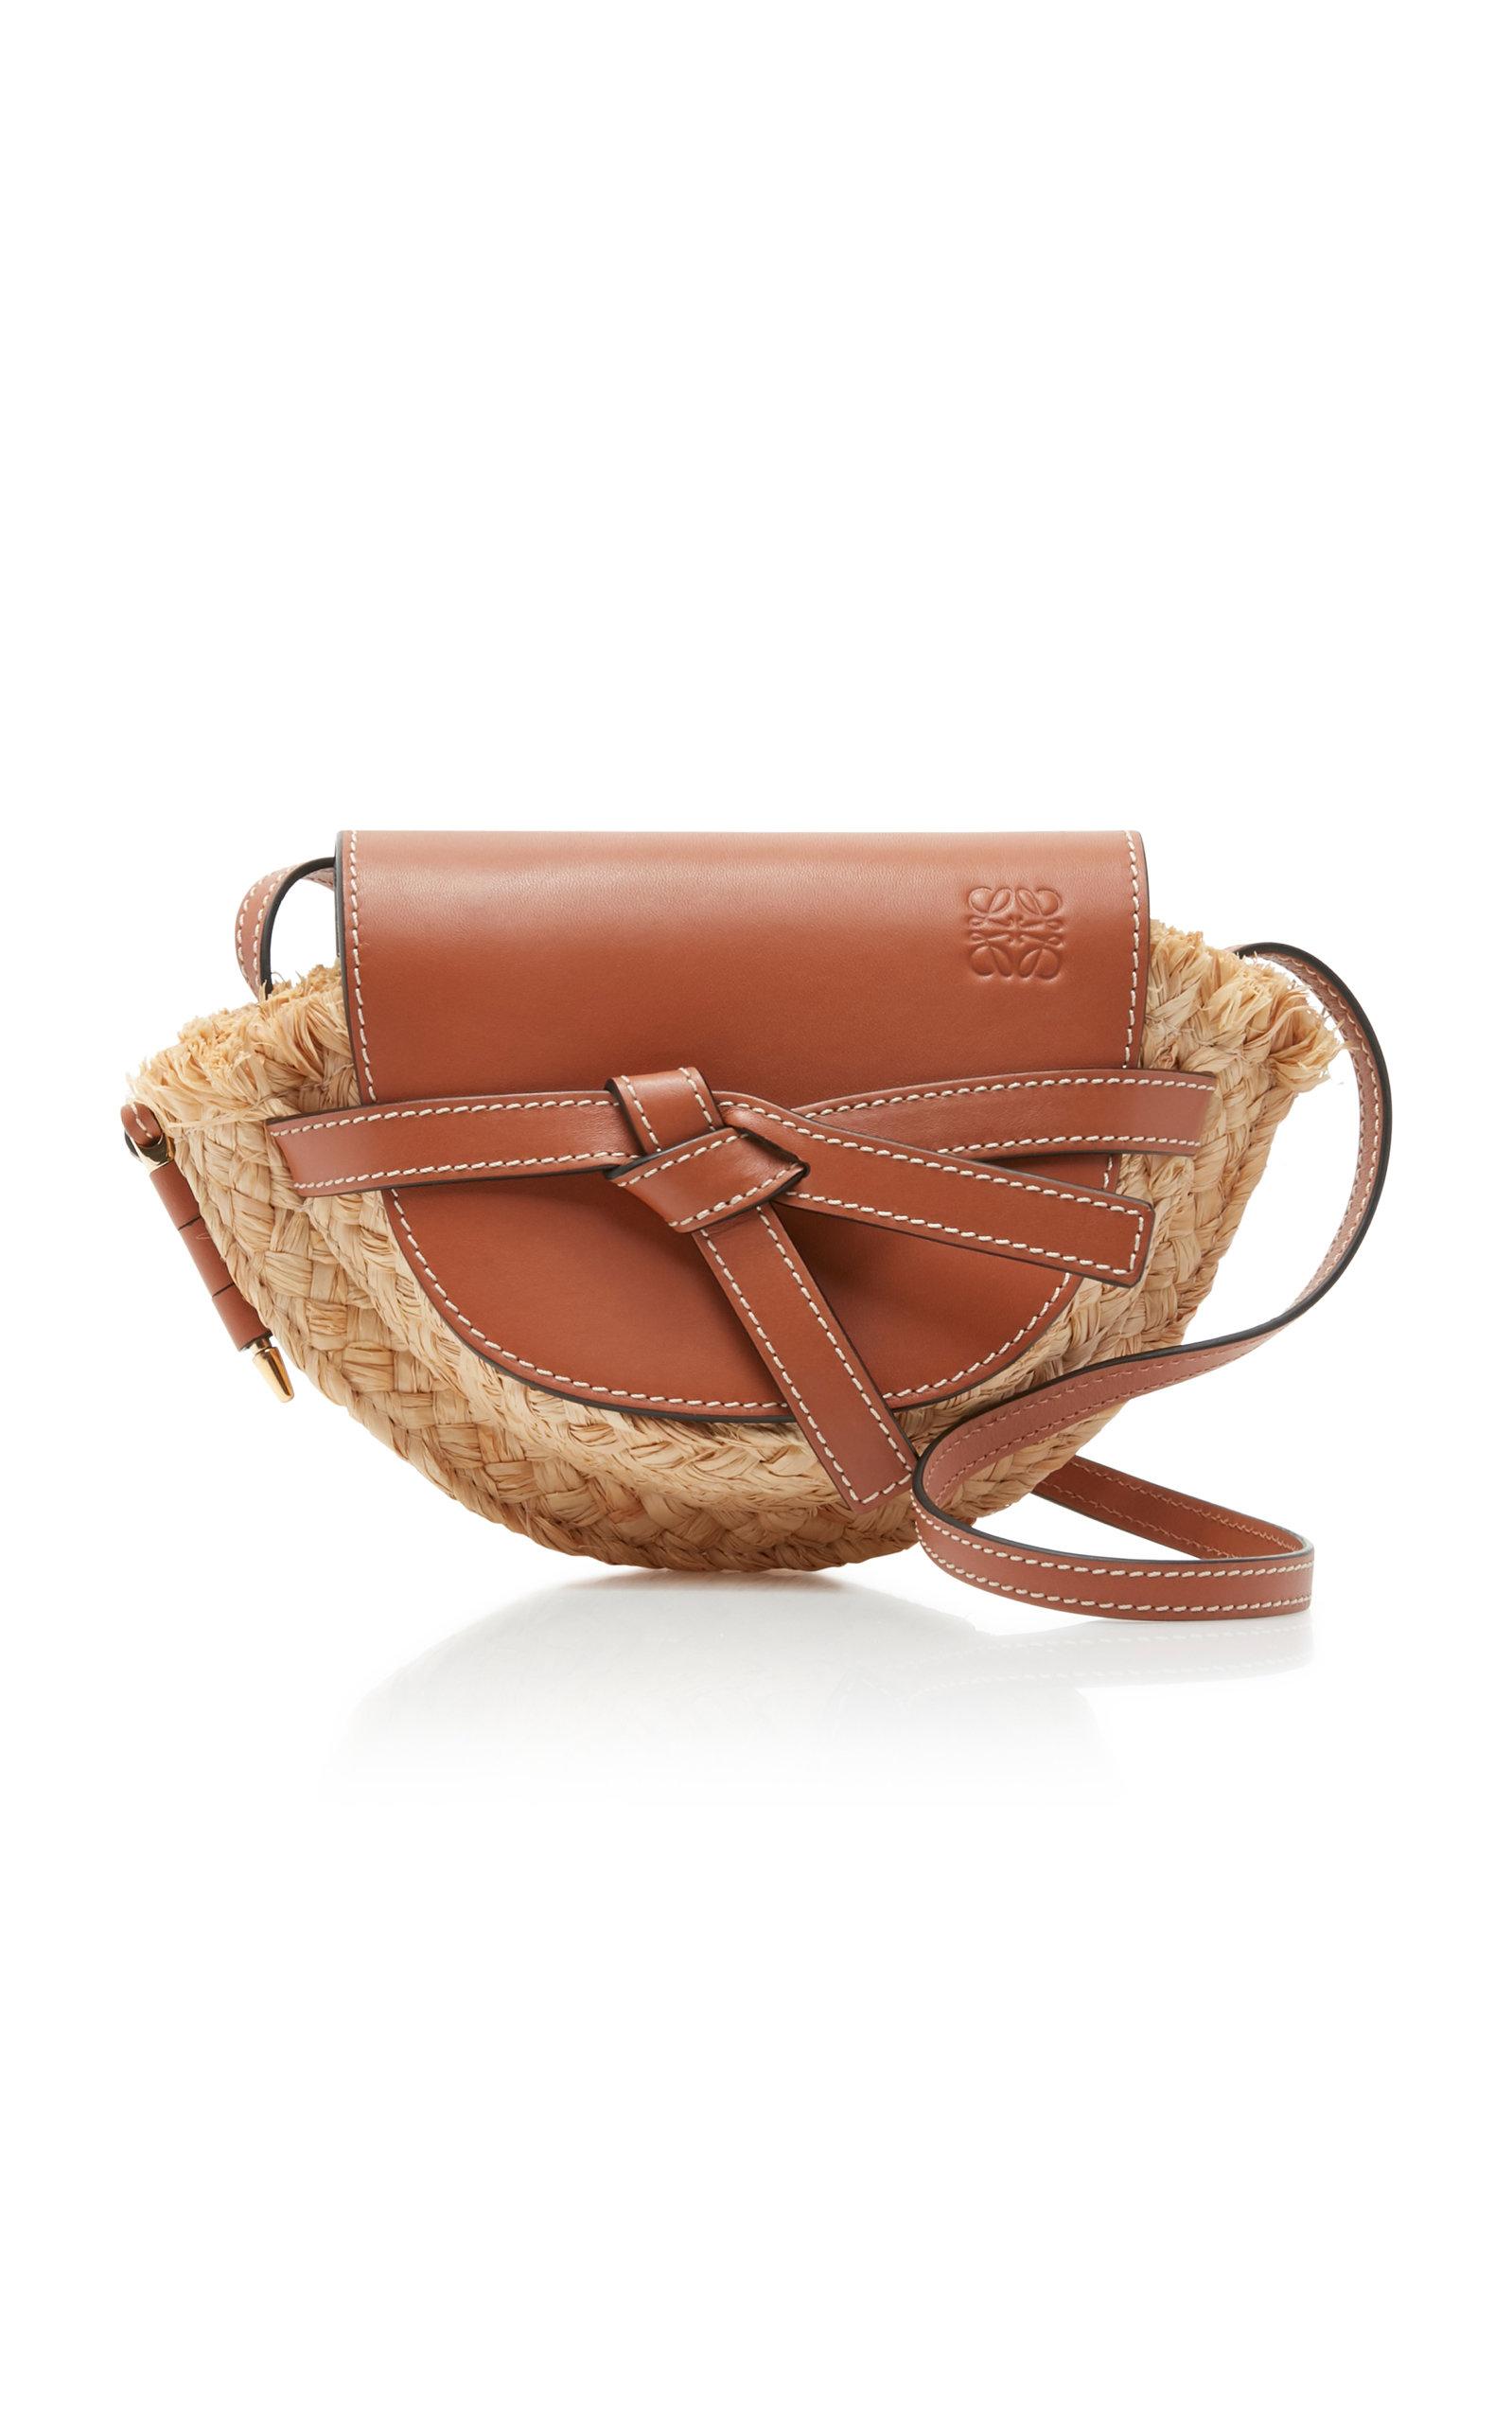 7847c5cfe Gate Mini Raffia and Leather Bag by Loewe | Moda Operandi